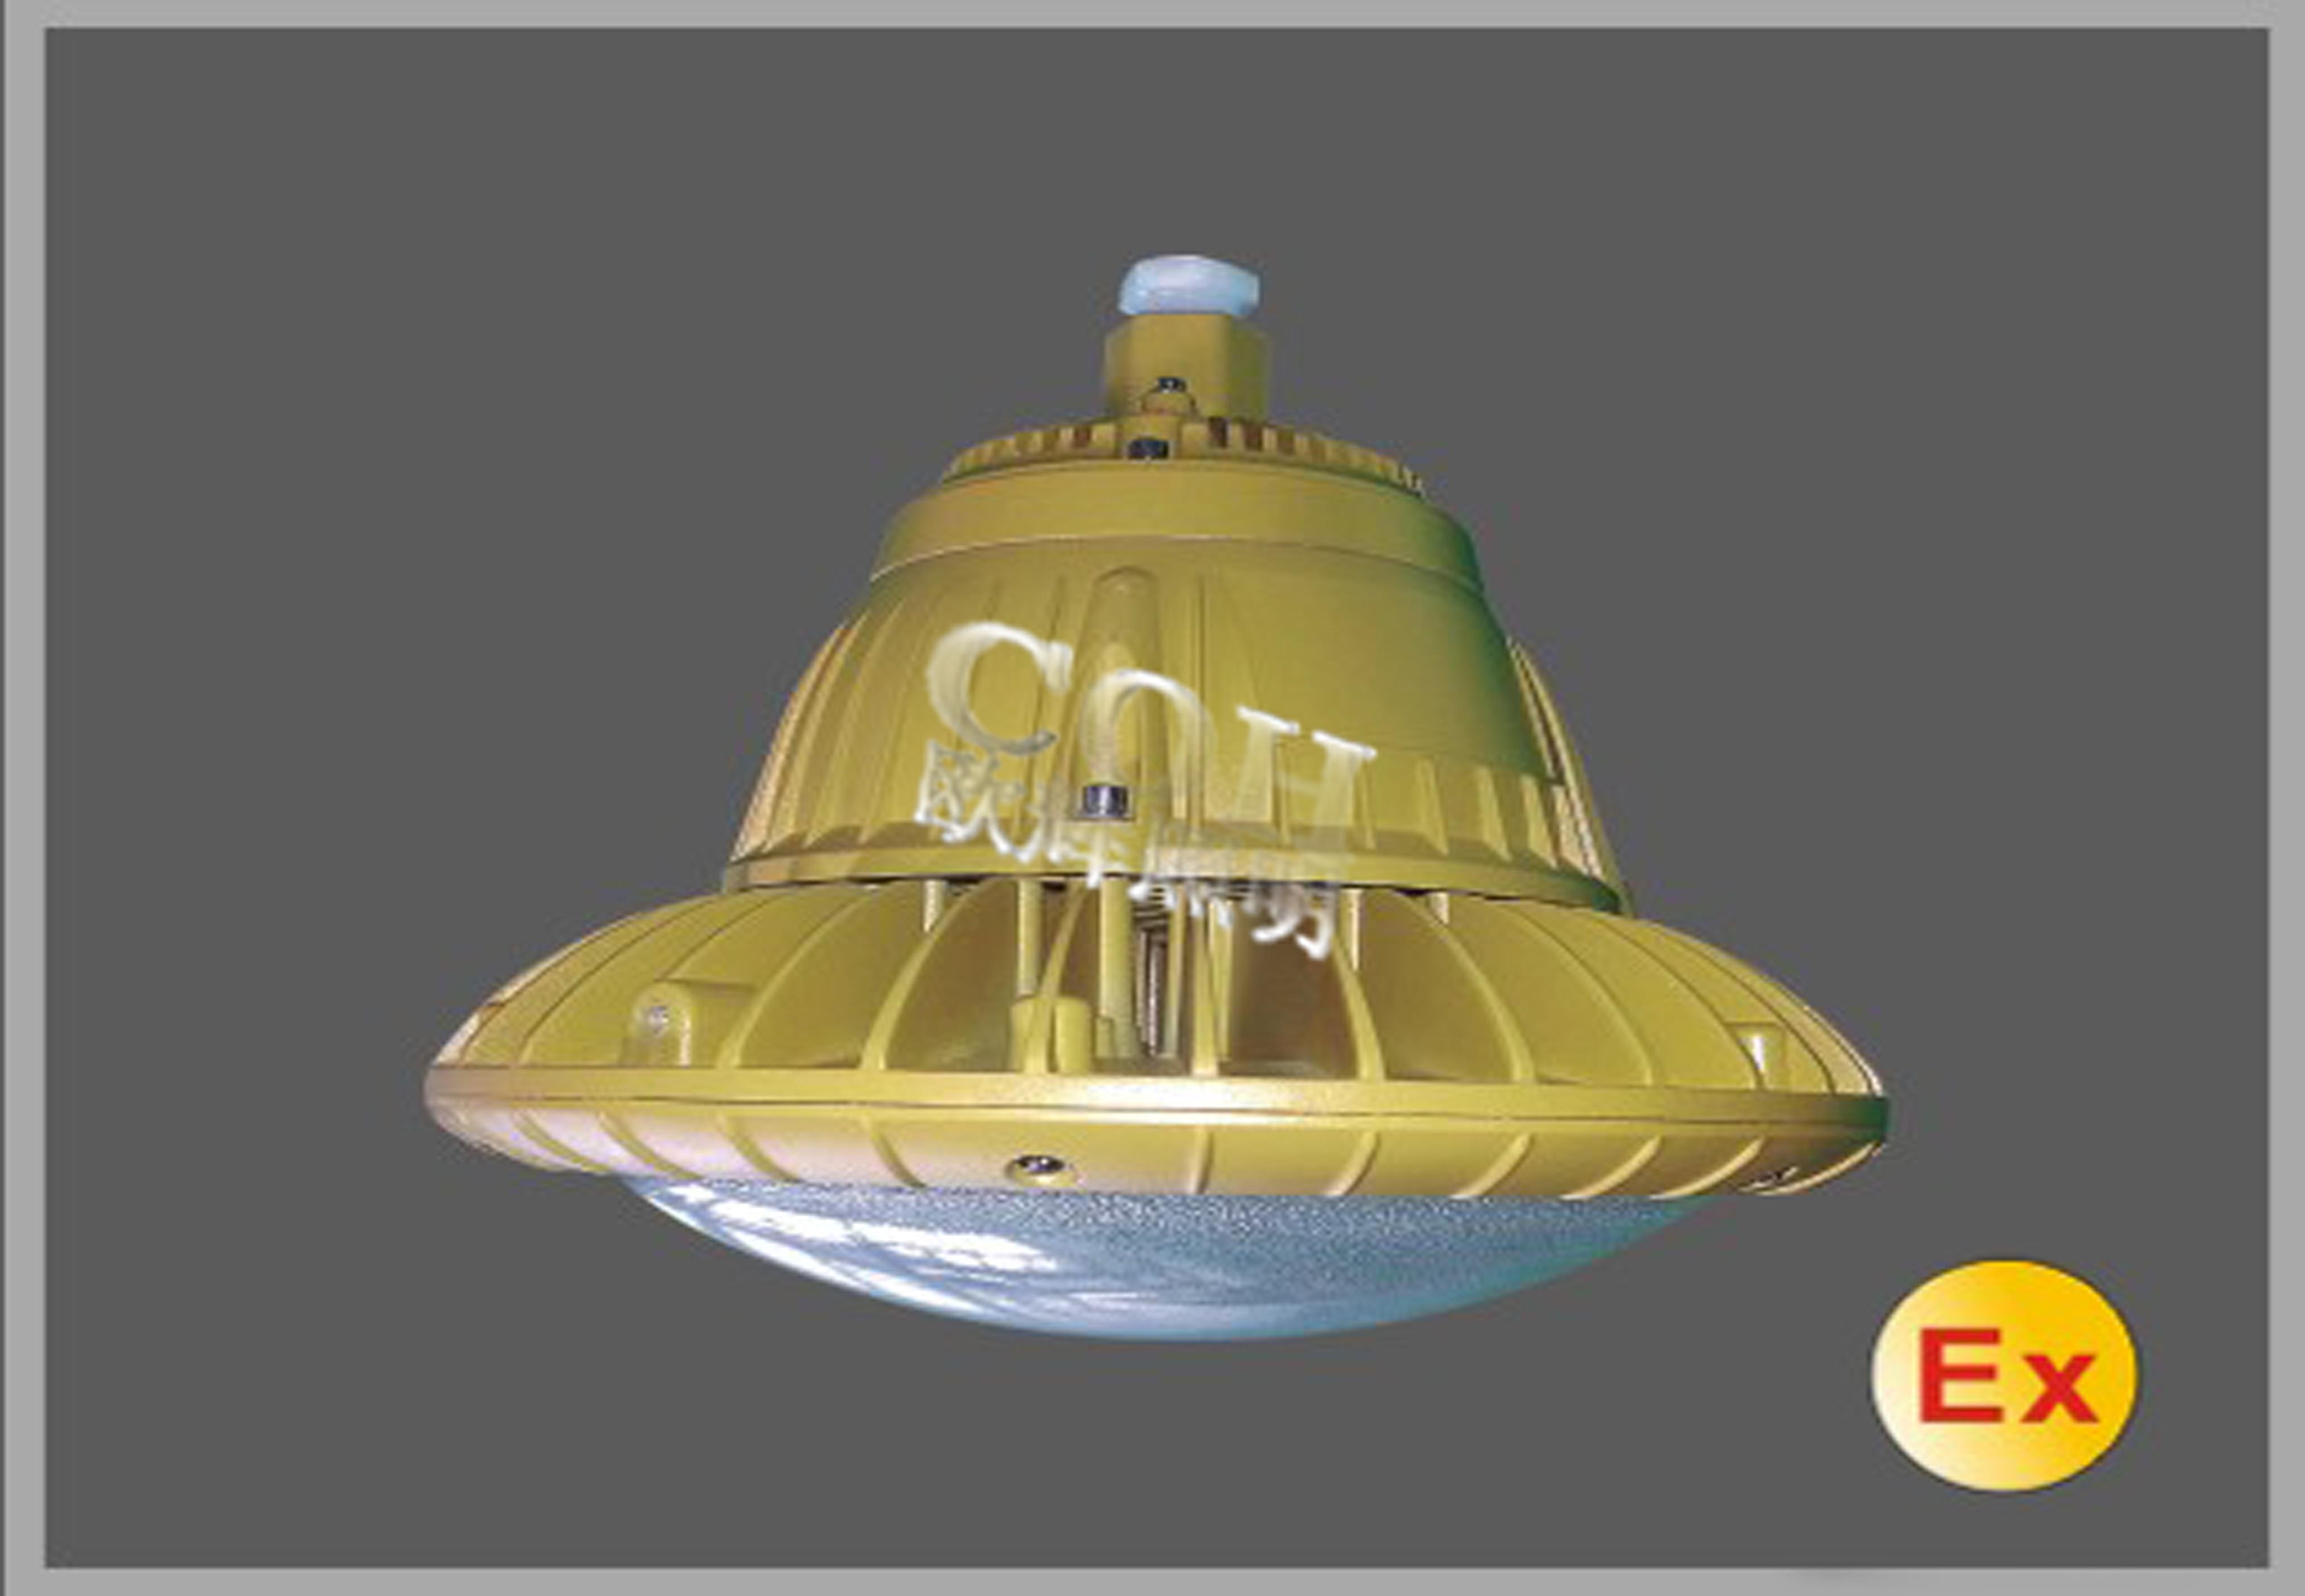 灯具结构尺寸图_设计分享